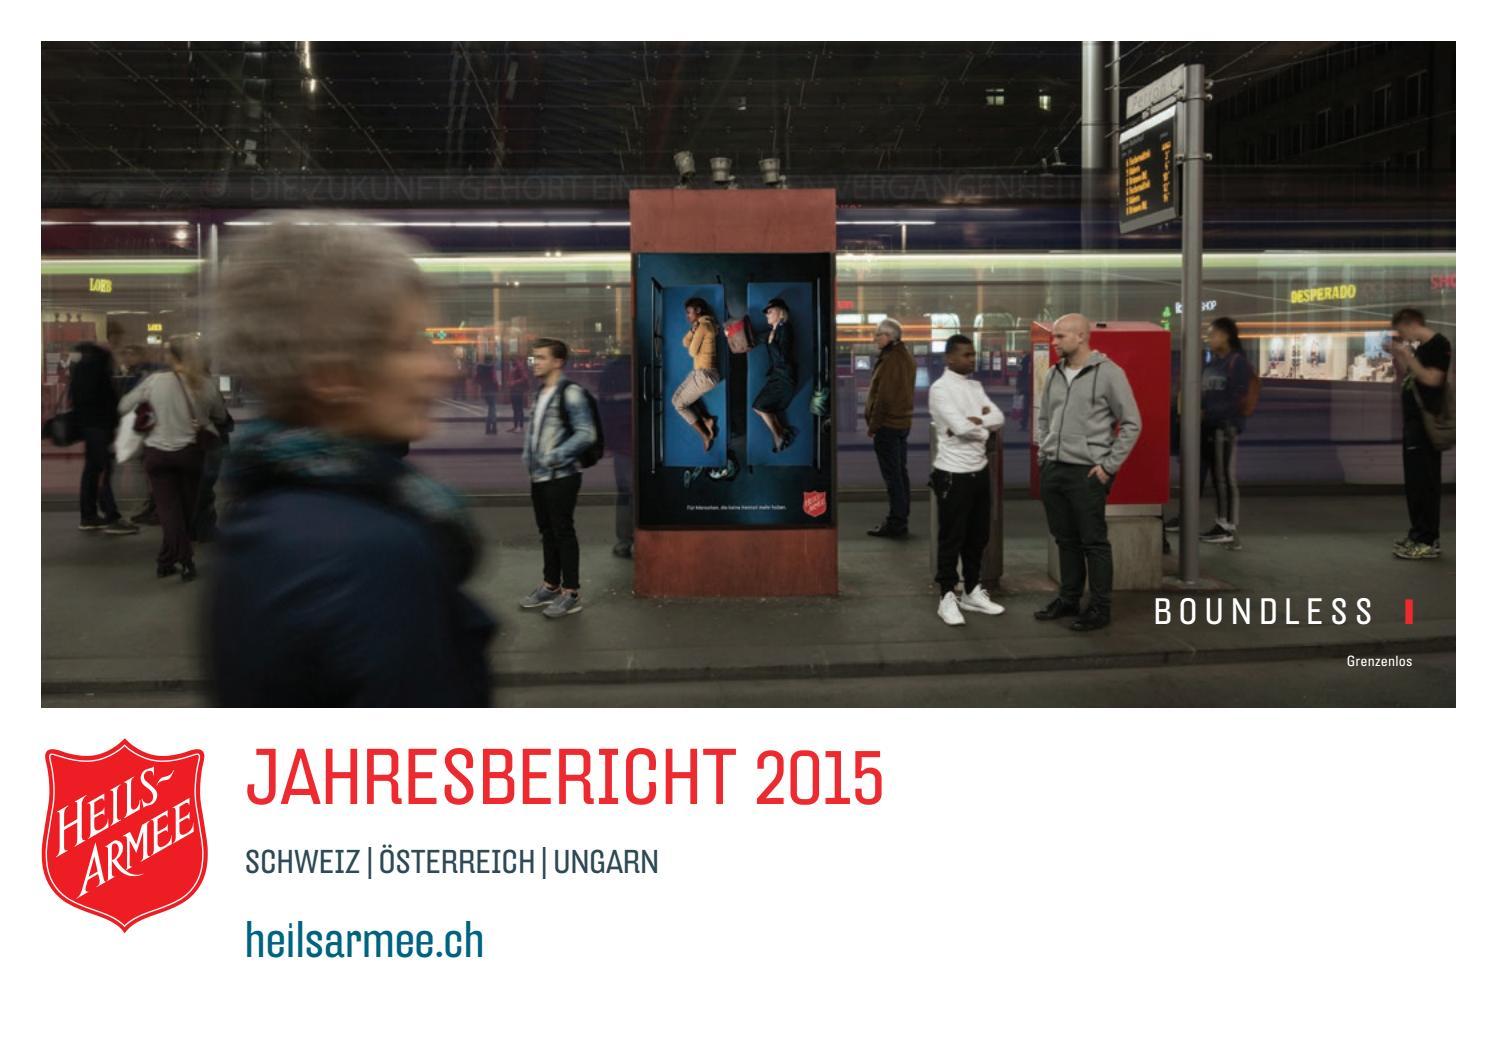 Jahresbericht 2015 \